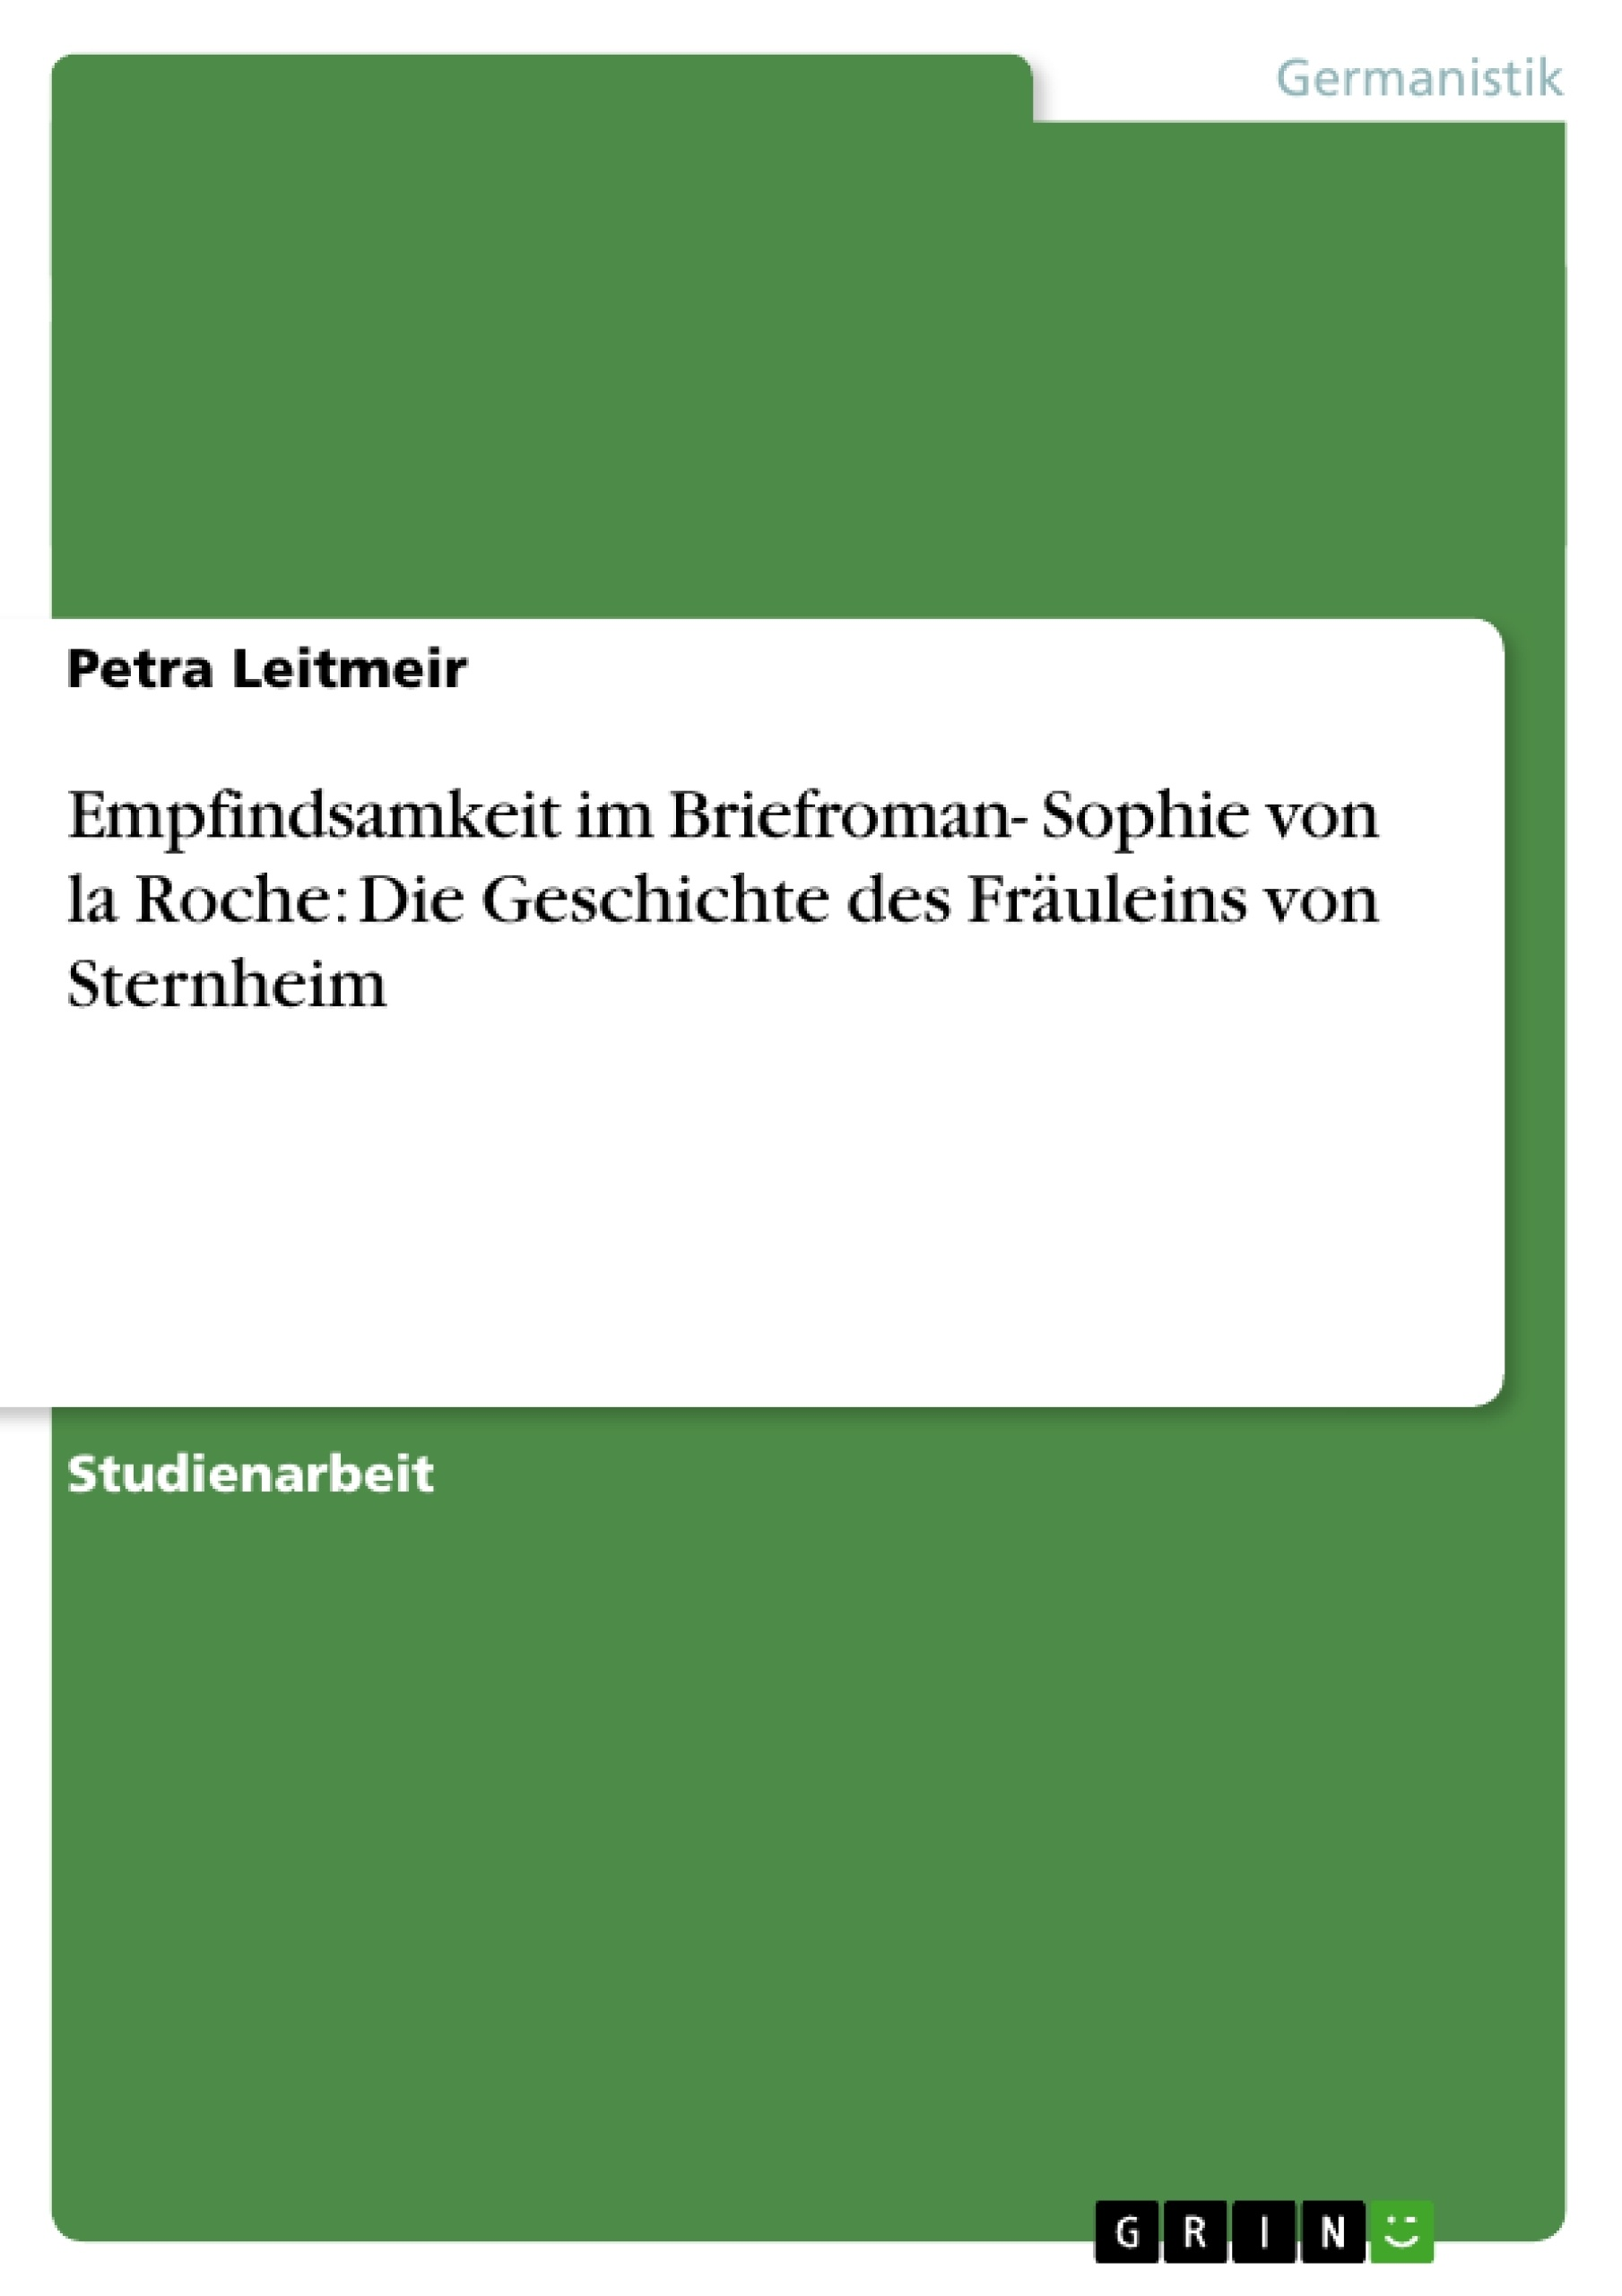 Titel: Empfindsamkeit im Briefroman- Sophie von la Roche: Die Geschichte des Fräuleins von Sternheim